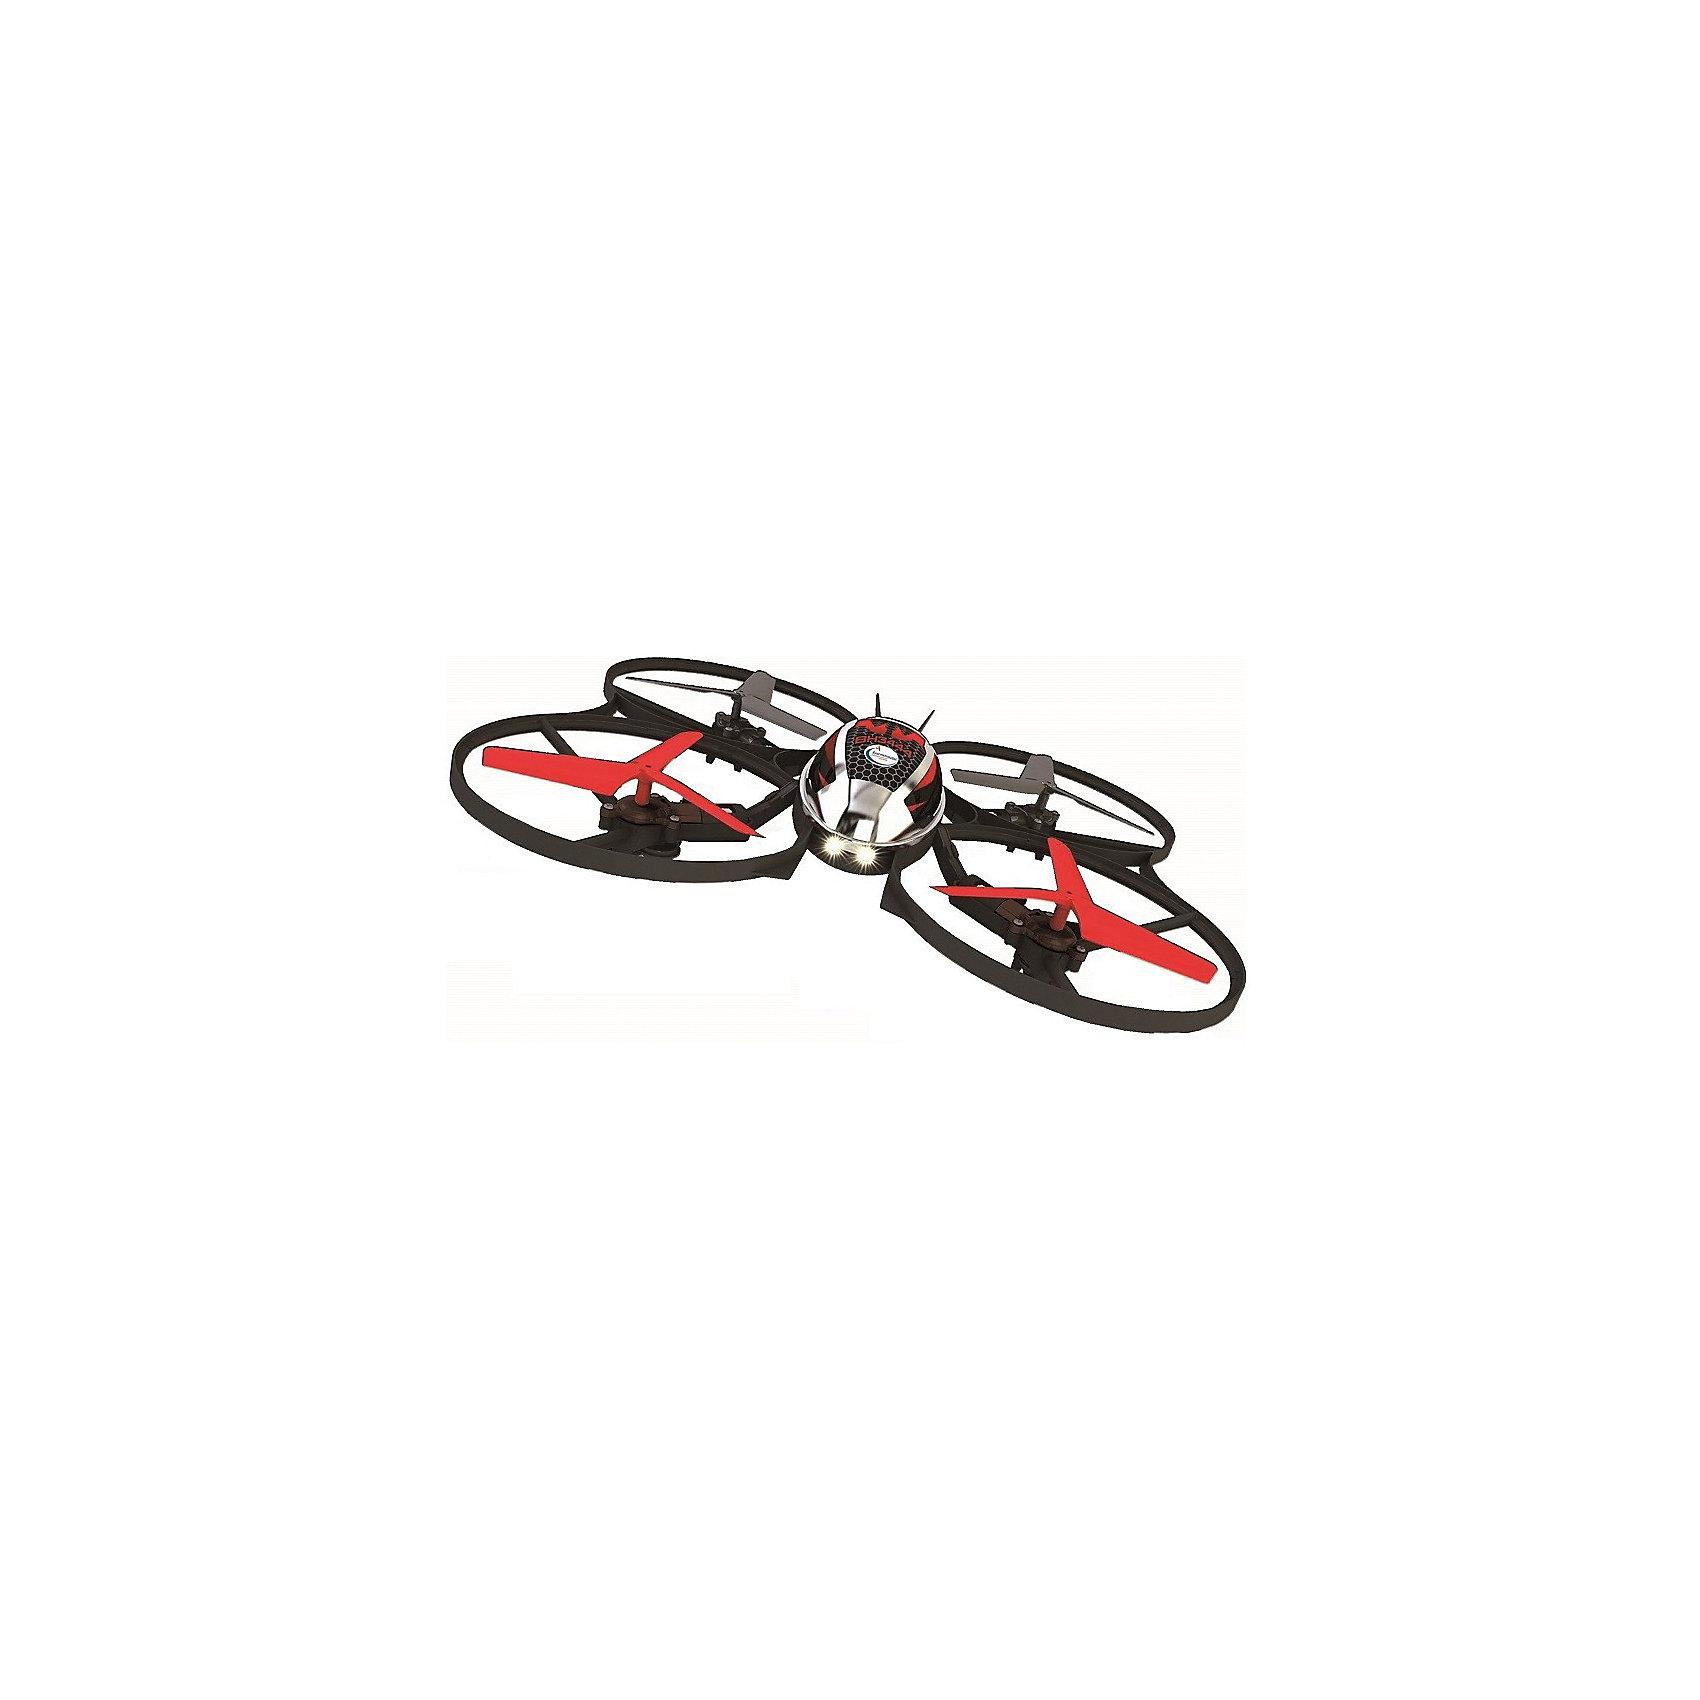 Квадрокоптер р/у MINI-Коптер, Властелин небесРадиоуправляемый транспорт<br>Квадрокоптер р/у MINI-Коптер, Властелин небес<br><br>Характеристики:<br><br>• летает в любом направлении<br>• поворачивается вокруг своей оси и зависает в воздухе<br>• яркие огни<br>• корпус из прочного пластика<br>• дальность управления: 30-70 метров<br>• время игры: 10 минут<br>• время зарядки: 50 минут<br>• размер игрушки: 14х16х4 см<br>• материал: металл, пластик<br>• питание: 3.7 аккумулятор Li-poli<br>• частота р/у: 2,4 ГГц<br>• размер упаковки: 23х17х26 см<br>• вес: 440 грамм<br>• батарейки: АА - 6 шт. (не входят в комплект)<br><br>Квадрокоптер поможет вам весело провести время и дома, и на улице! MINI-коптер управляется с помощью пульта, движется в любом направлении, переворачивается вокруг свои оси. Встроенный гироскоп позволяет игрушке зависать в воздухе и обеспечивает стабильность полета. Дальность управления зависит от погодных условий и составляет от 30 до 70 метров. Время игры при полной зарядке - 10 минут. Для подзарядки вам потребуется 50 минут. Корпус изготовлен из прочного пластика, которому не страшны случайные падения.<br>Для работы необходимы шесть батареек АА (не входят в комплект).<br><br>Квадрокоптер р/у MINI-Коптер, Властелин небес можно купить в нашем интернет-магазине.<br><br>Ширина мм: 165<br>Глубина мм: 235<br>Высота мм: 255<br>Вес г: 1100<br>Возраст от месяцев: 144<br>Возраст до месяцев: 2147483647<br>Пол: Мужской<br>Возраст: Детский<br>SKU: 5397096